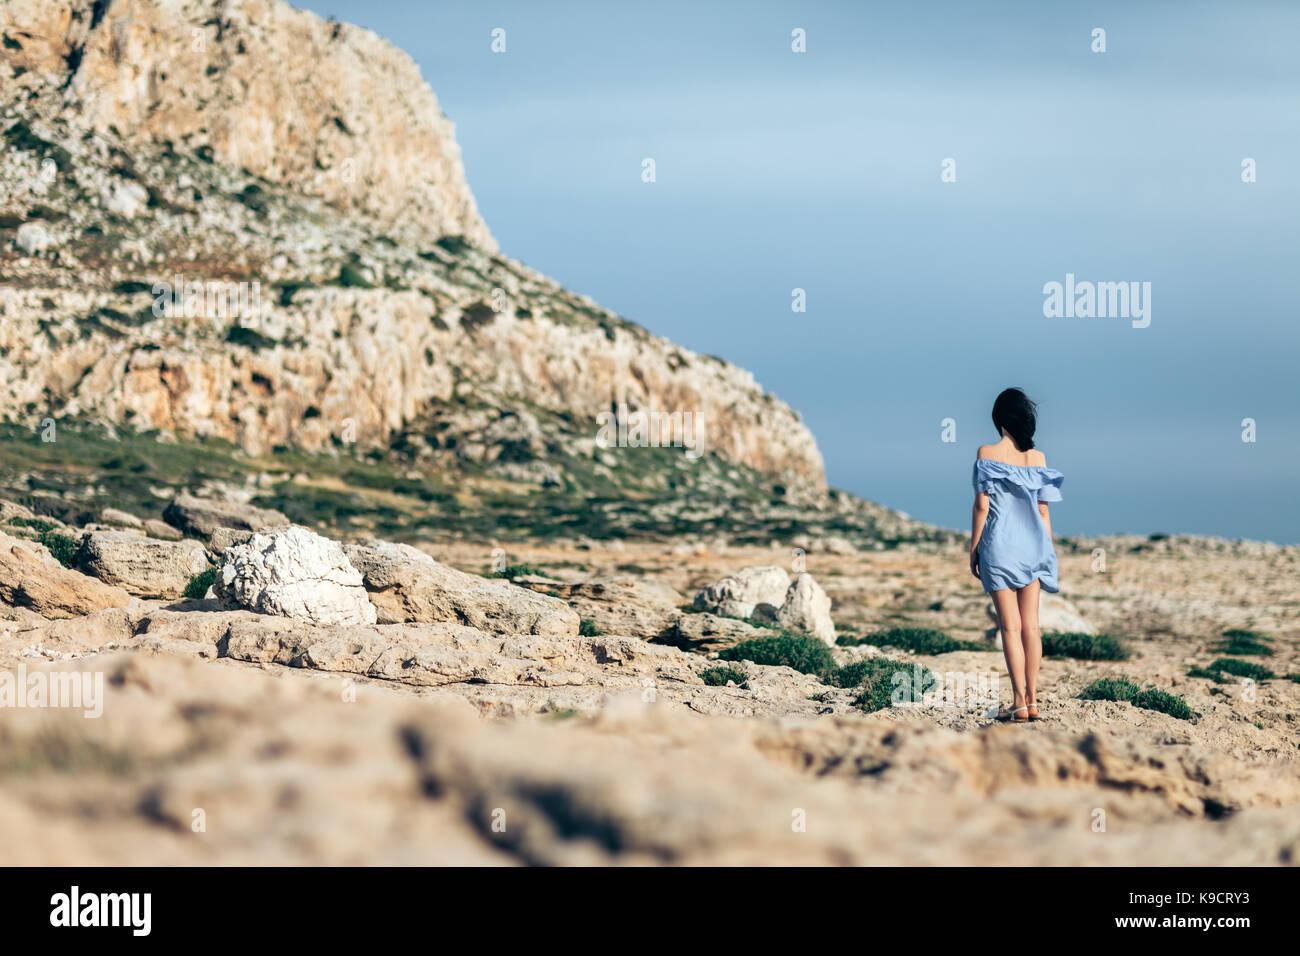 Vista posterior de la mujer solitaria caminando sobre un desierto rocoso con dramáticas sky Imagen De Stock